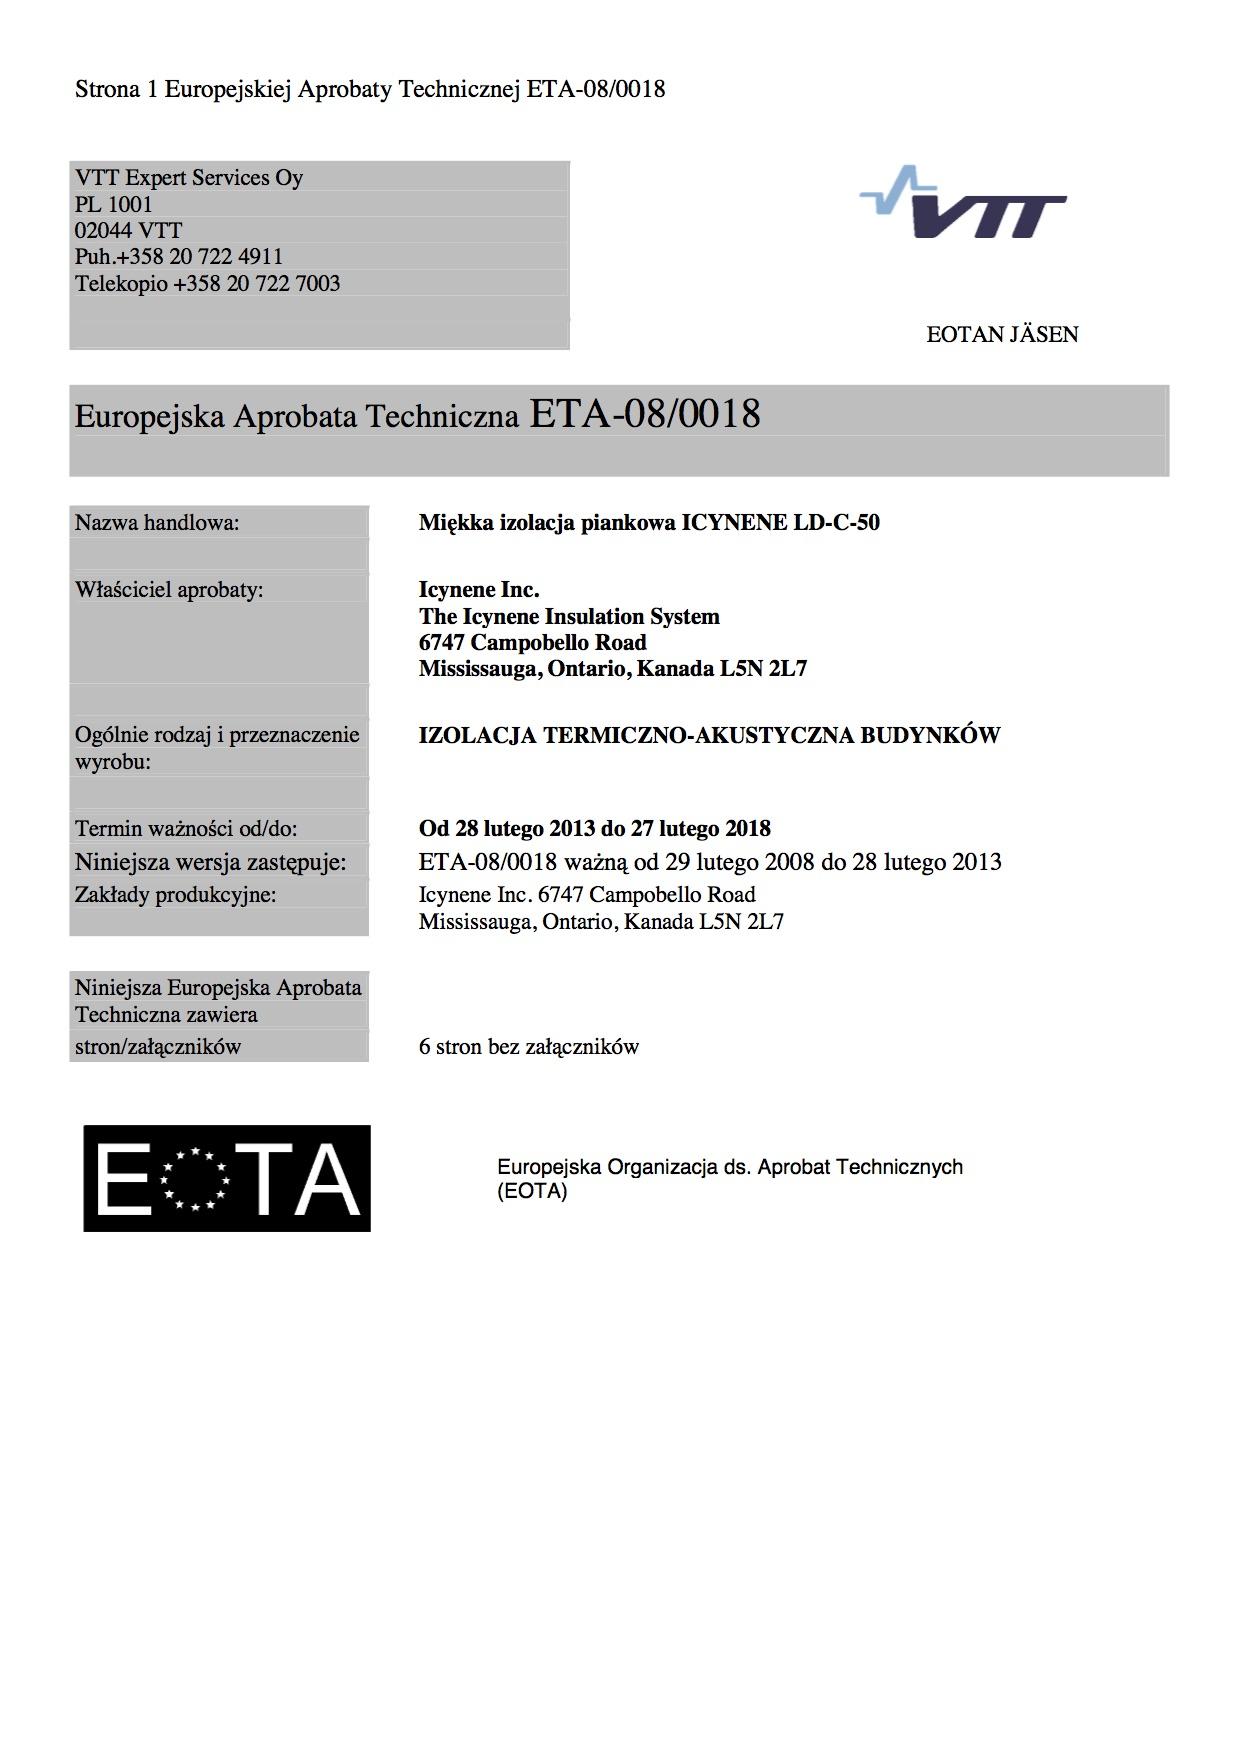 Europejska Aprobata Techniczna miekka izolacja piankowa